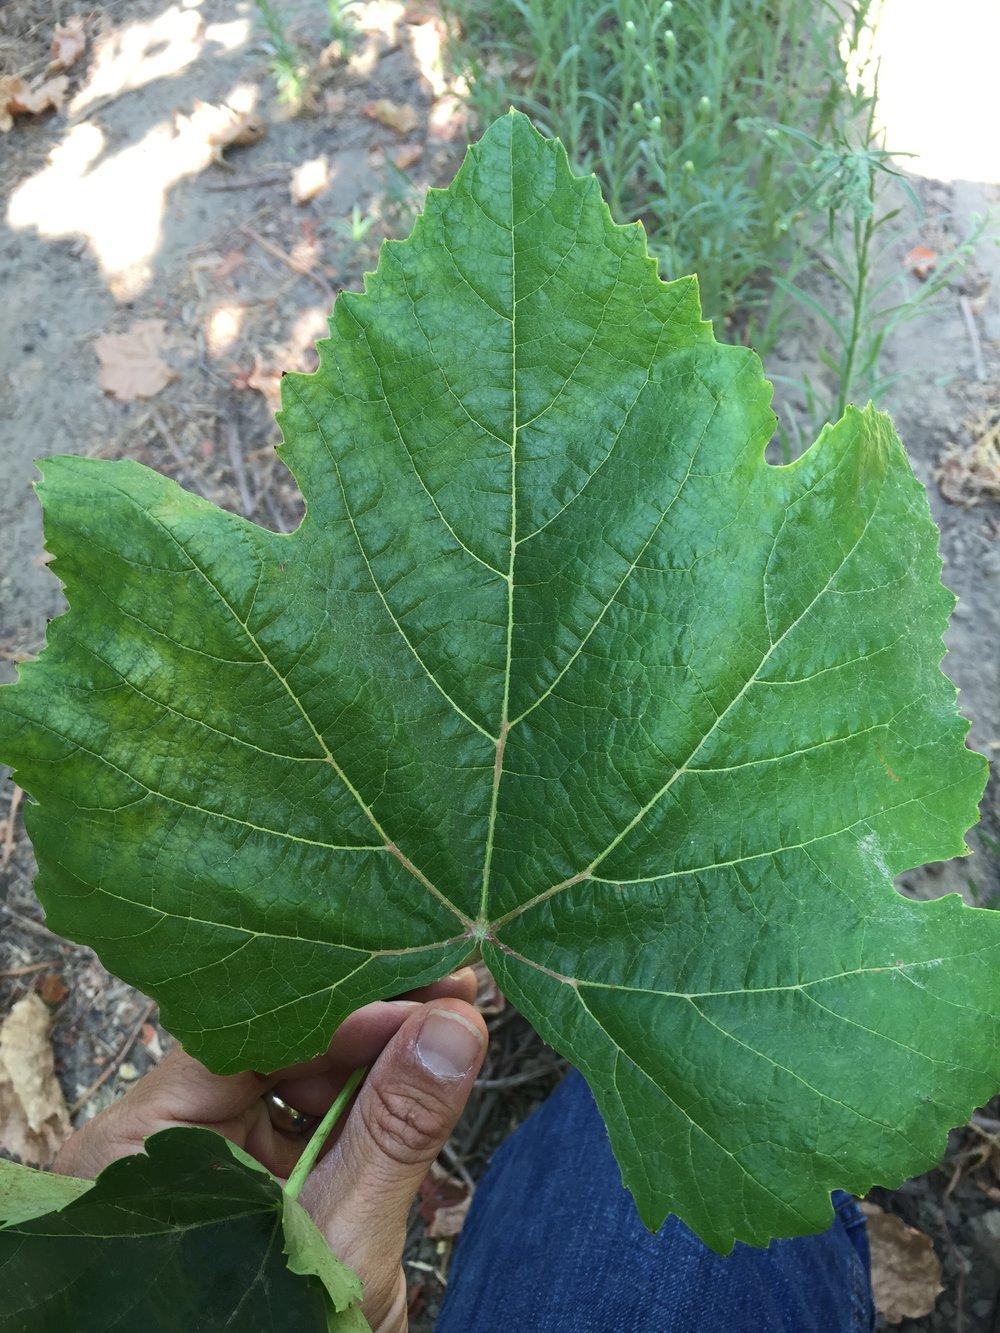 Gepflanzte Sorte mit weniger Glanz und niedrigeren Chlorophyllwerten.